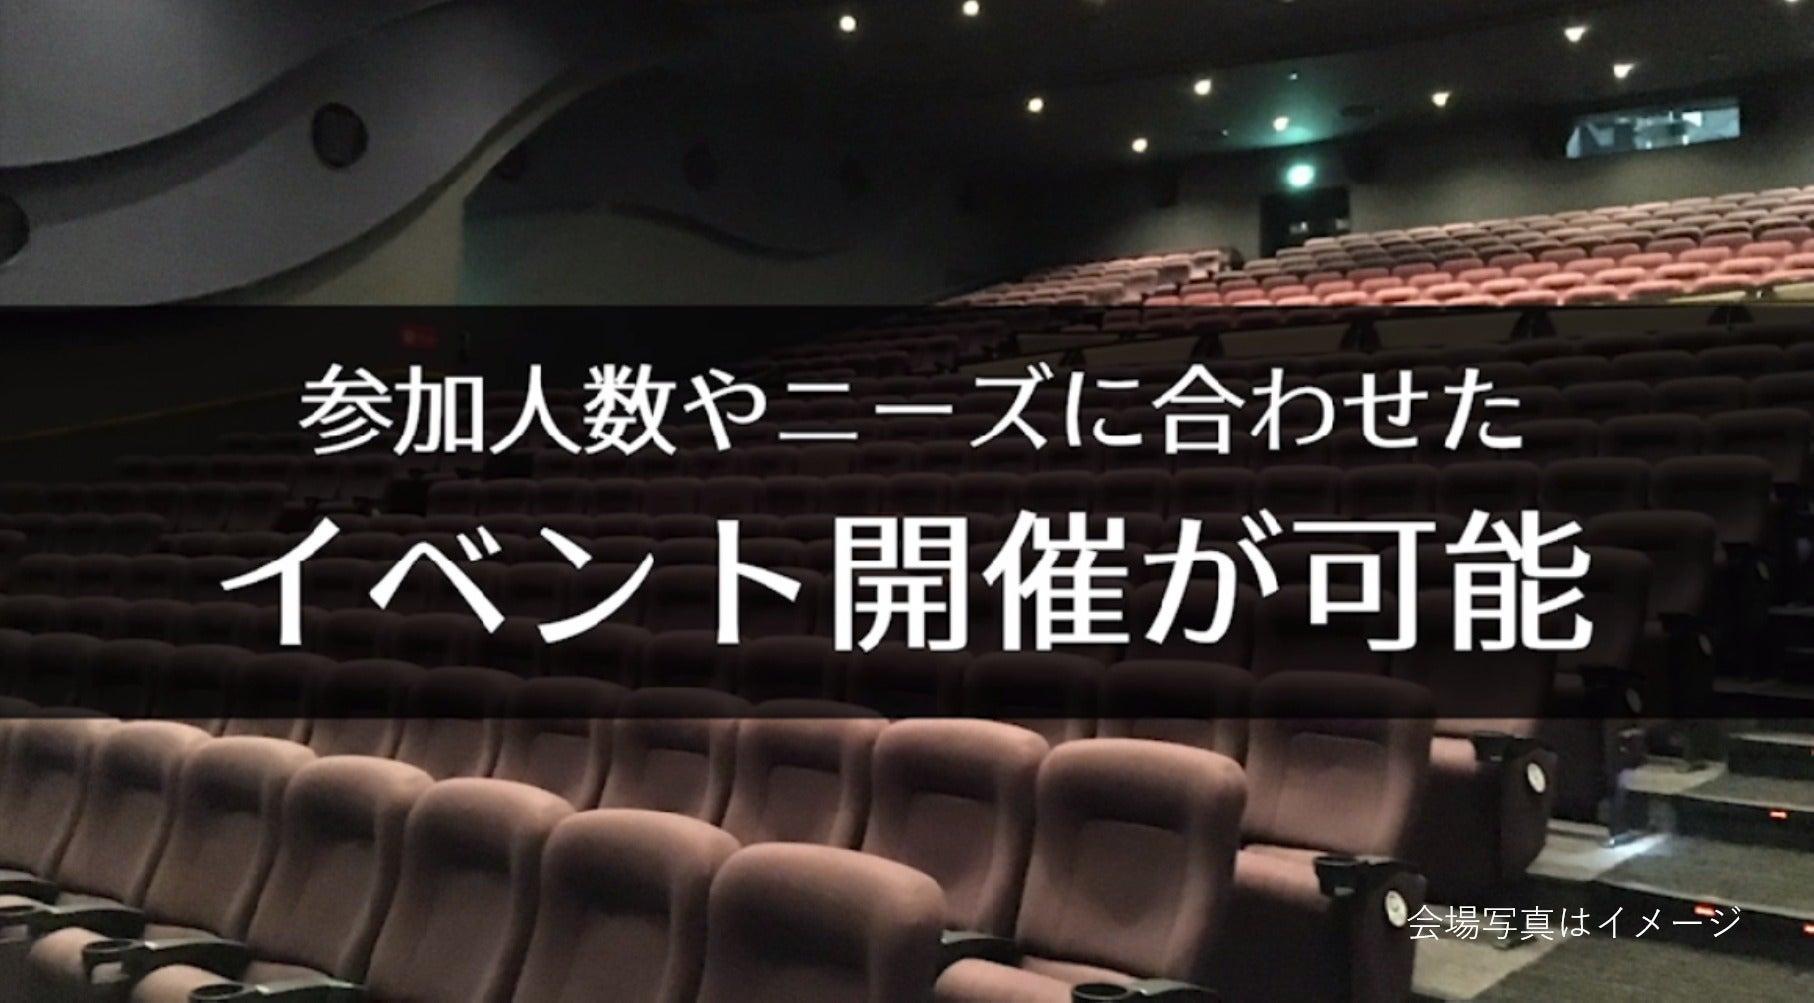 【前橋 162席】映画館で、会社説明会、株主総会、講演会の企画はいかがですか?(ユナイテッド・シネマ前橋) の写真0